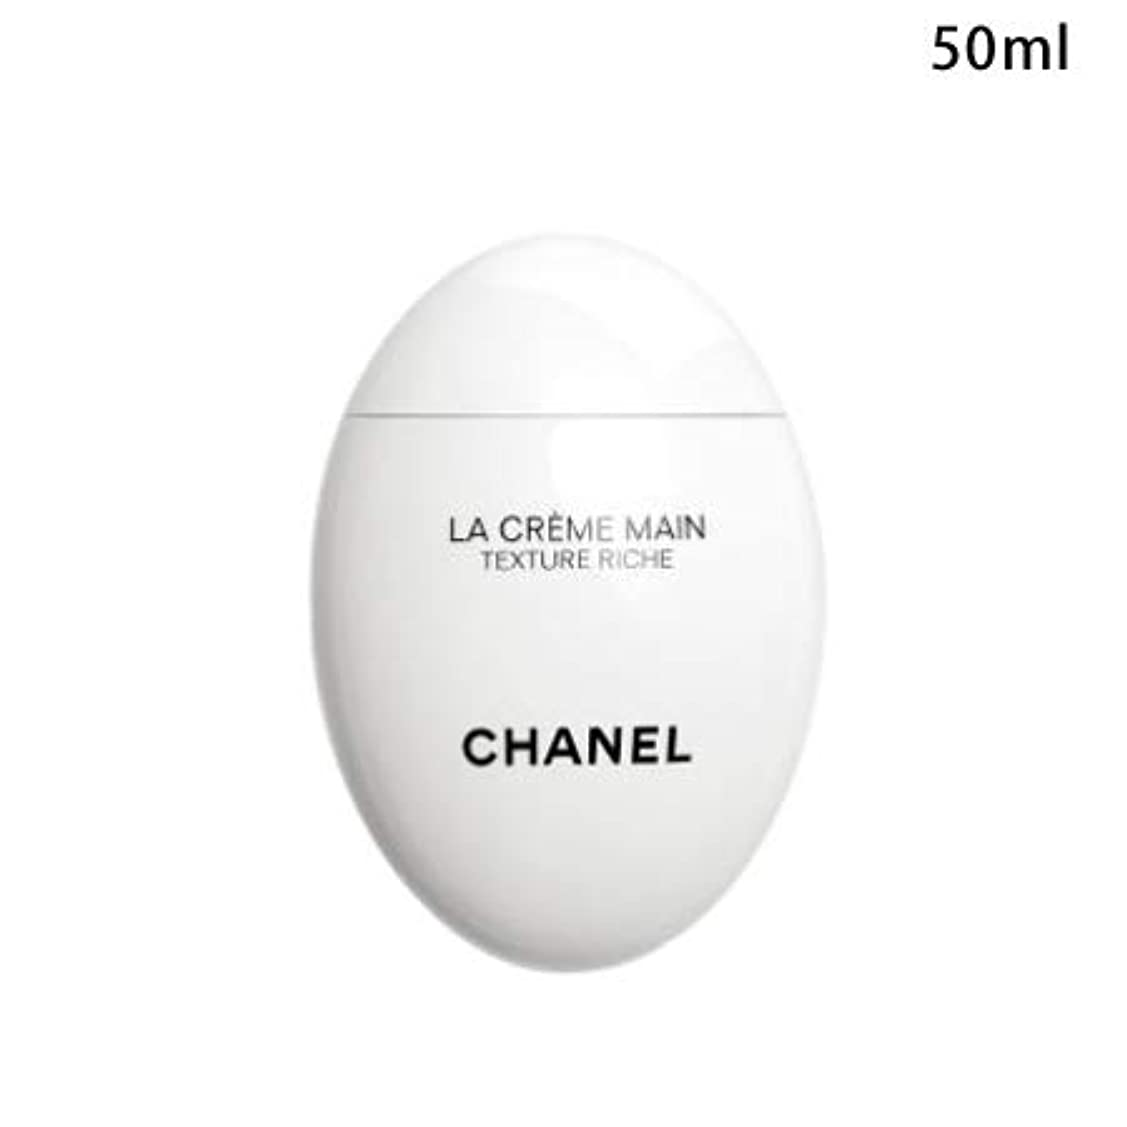 リダクターに頼る開始シャネル ラ クレーム マン リッシュ 50ml -CHANEL-